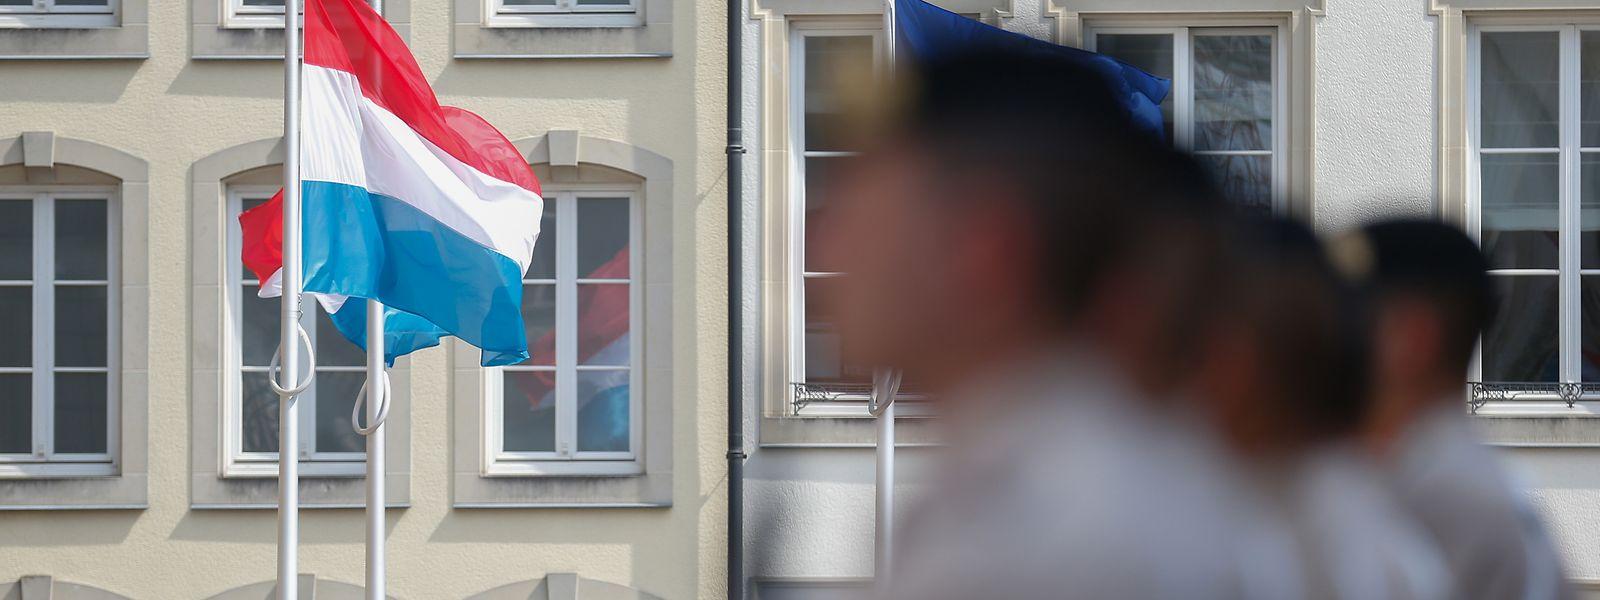 Die feierliche Wachablösung vor dem Palais ist der traditionelle Startschuss zum Nationalfeiertag.